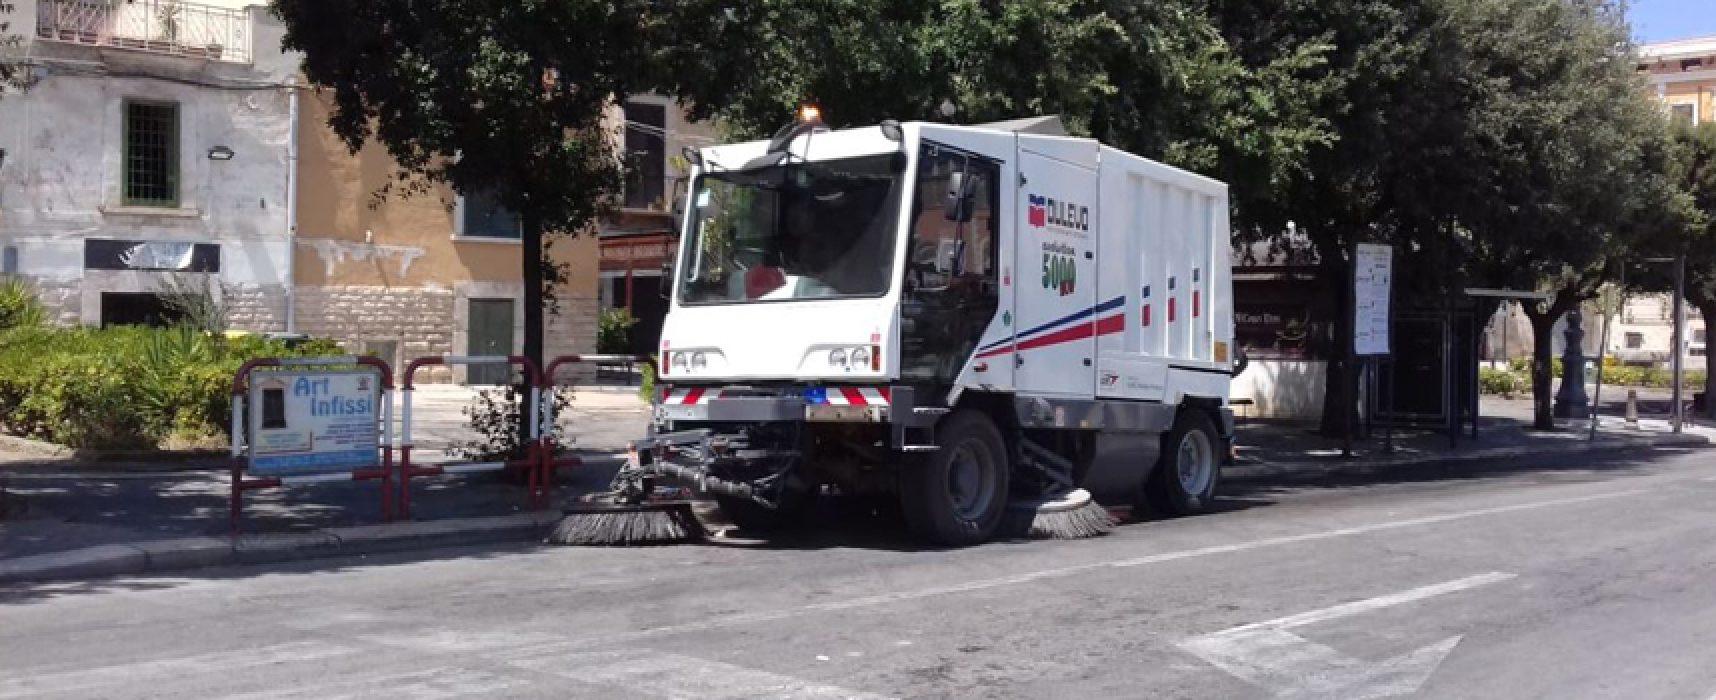 Le strade interessate dalla pulizia straordinaria di oggi 9 gennaio / DETTAGLI